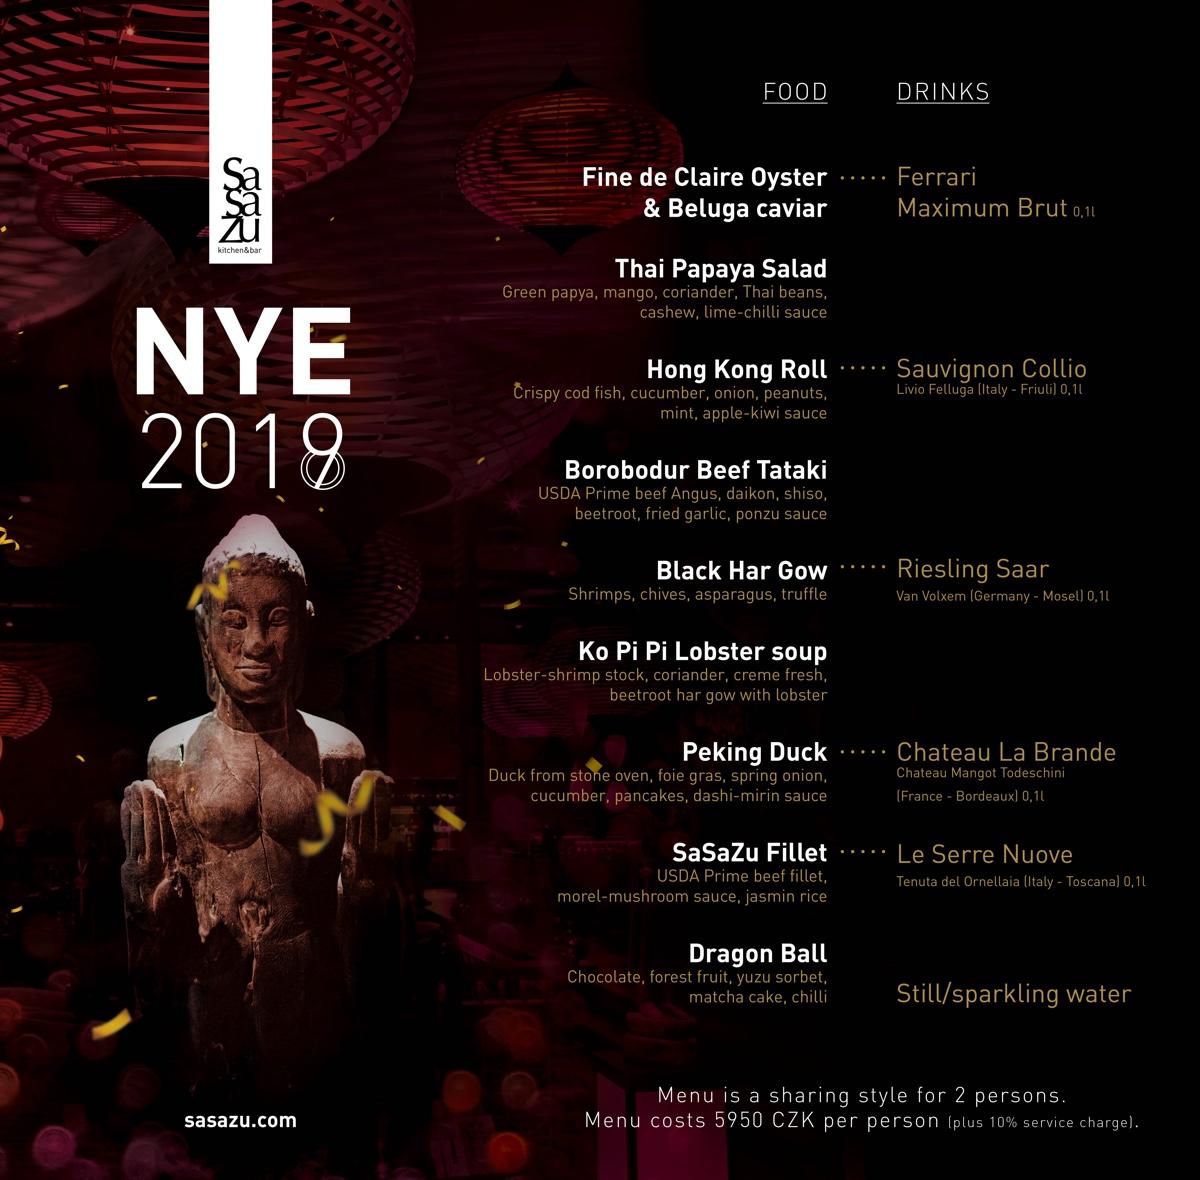 Nye menu 2019